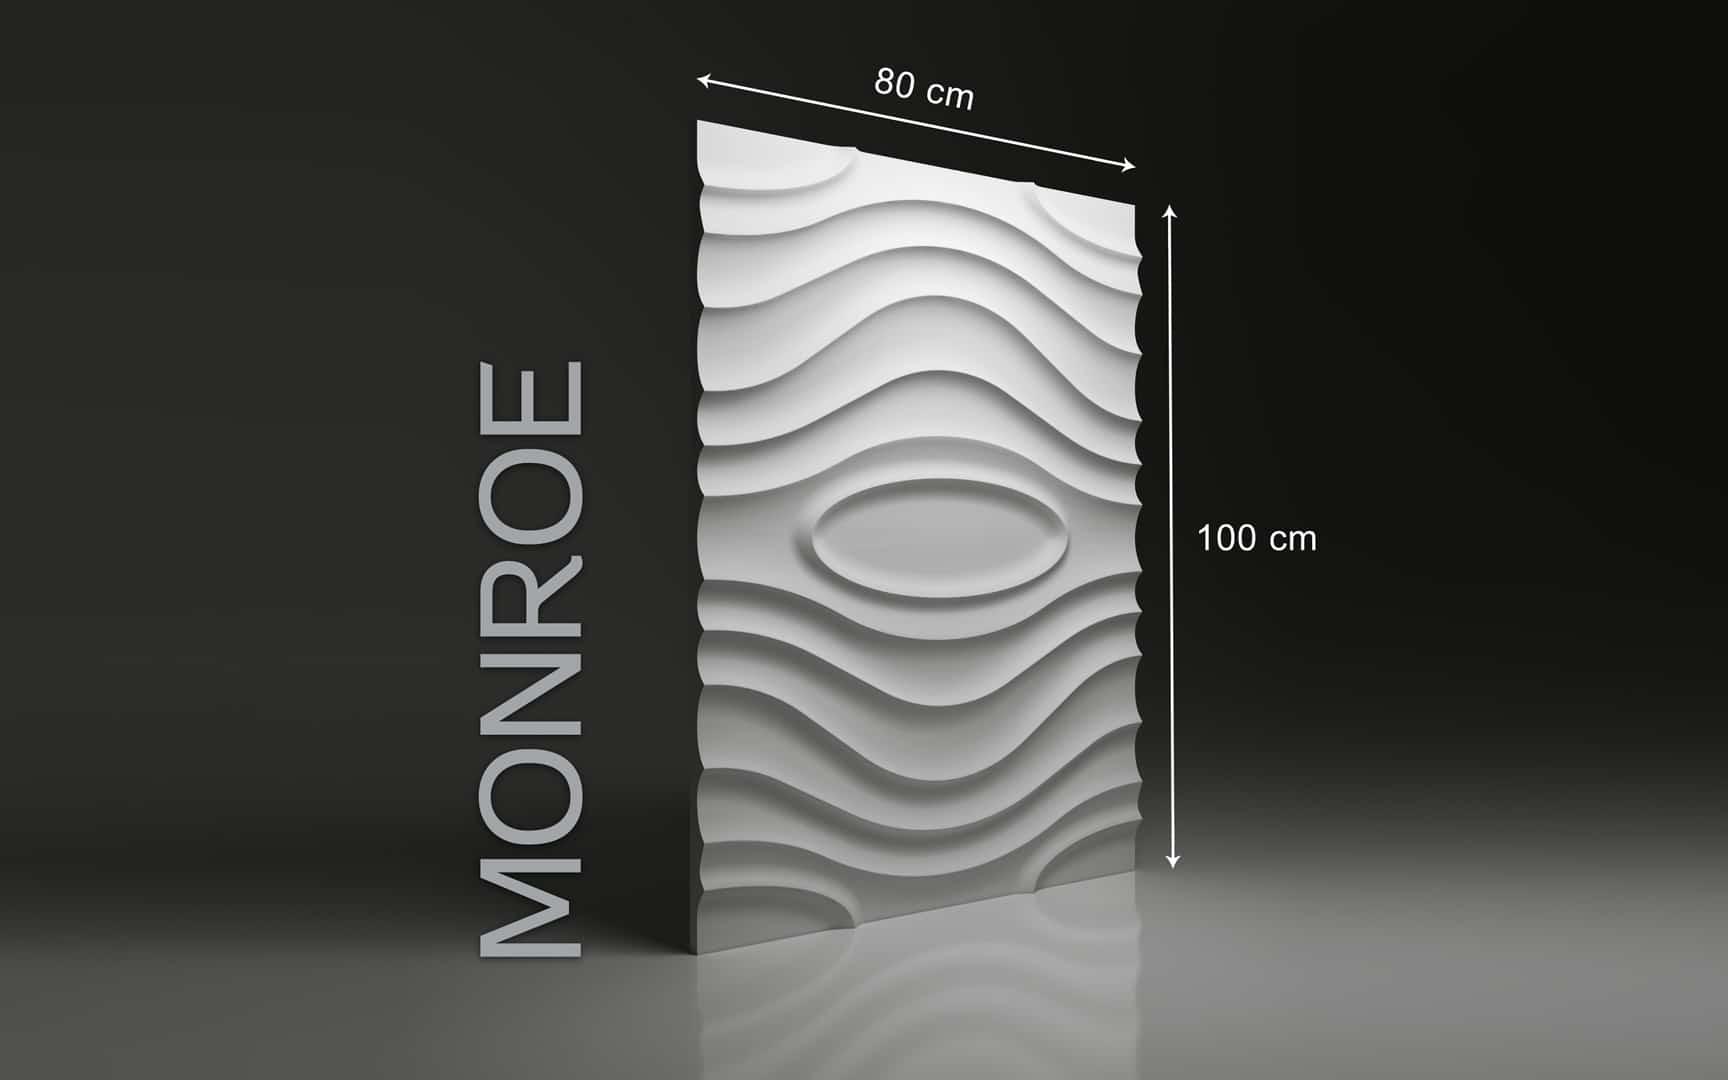 MONROE DIMENSIONS : hauteur 100 x largeur 80 cm ÉPAISSEUR : de 1,5 cm à 3,0 cm  POIDS : environ 12 kg